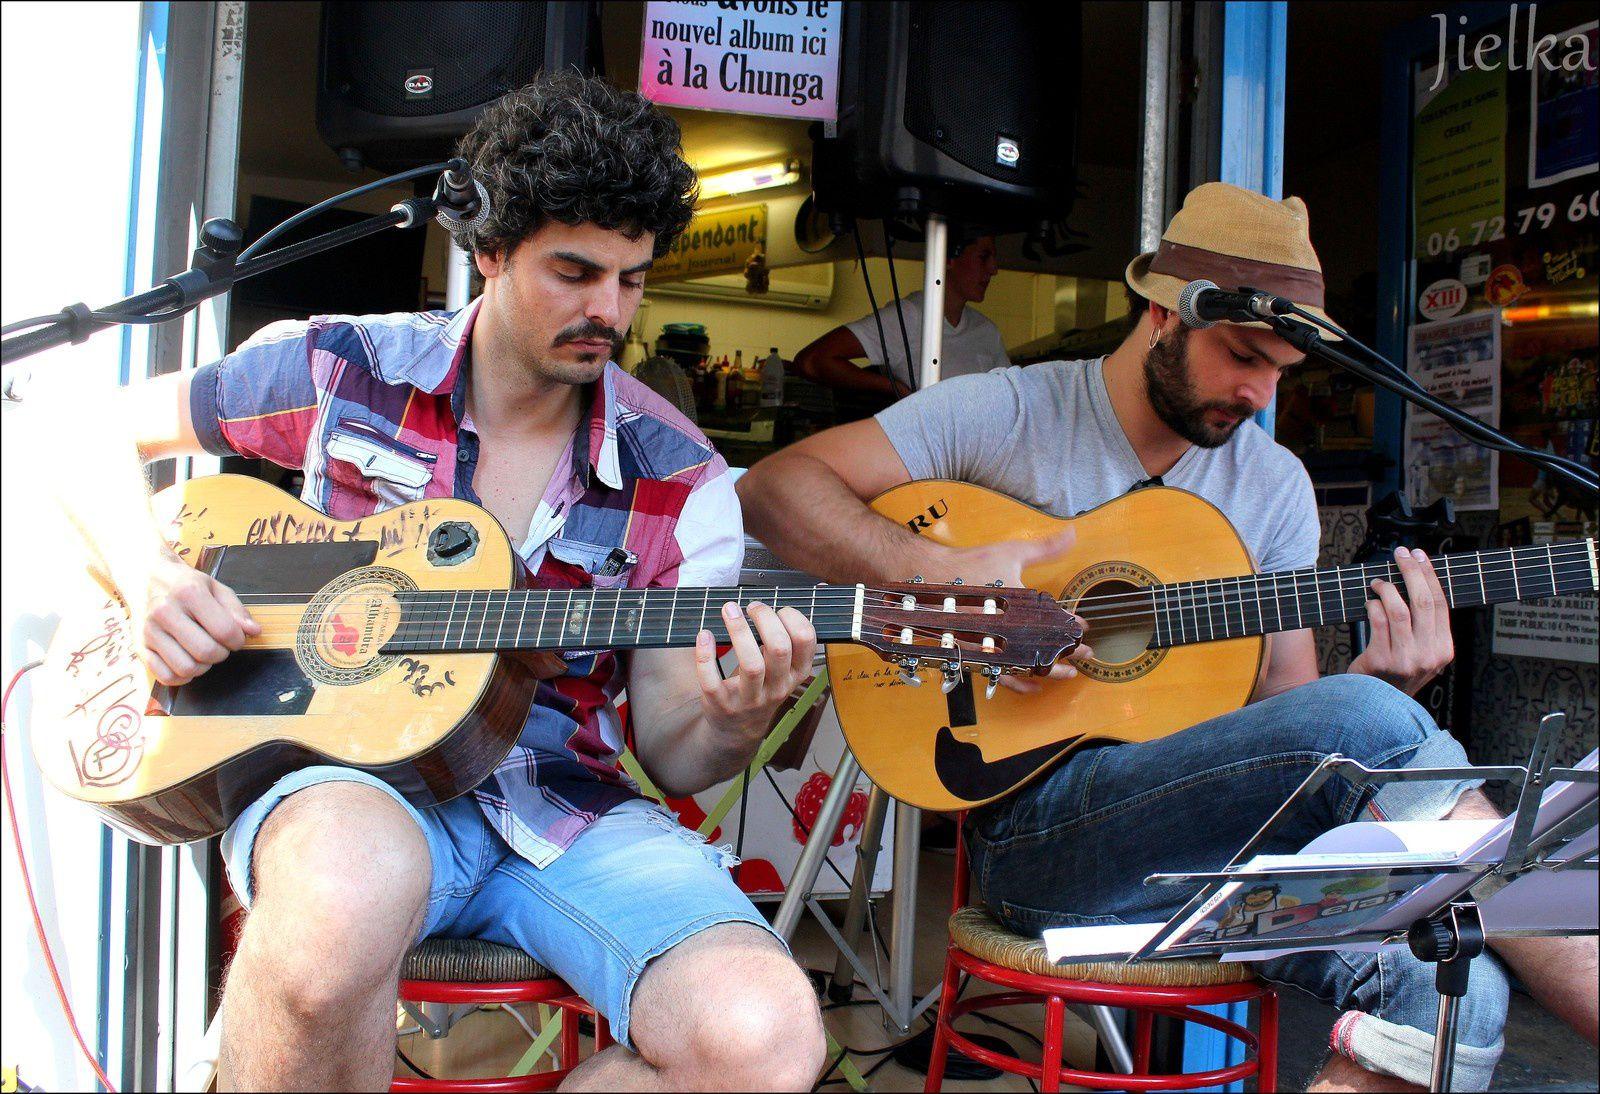 Els delai, des guitaristes géniaux dans un style rumba catalane.